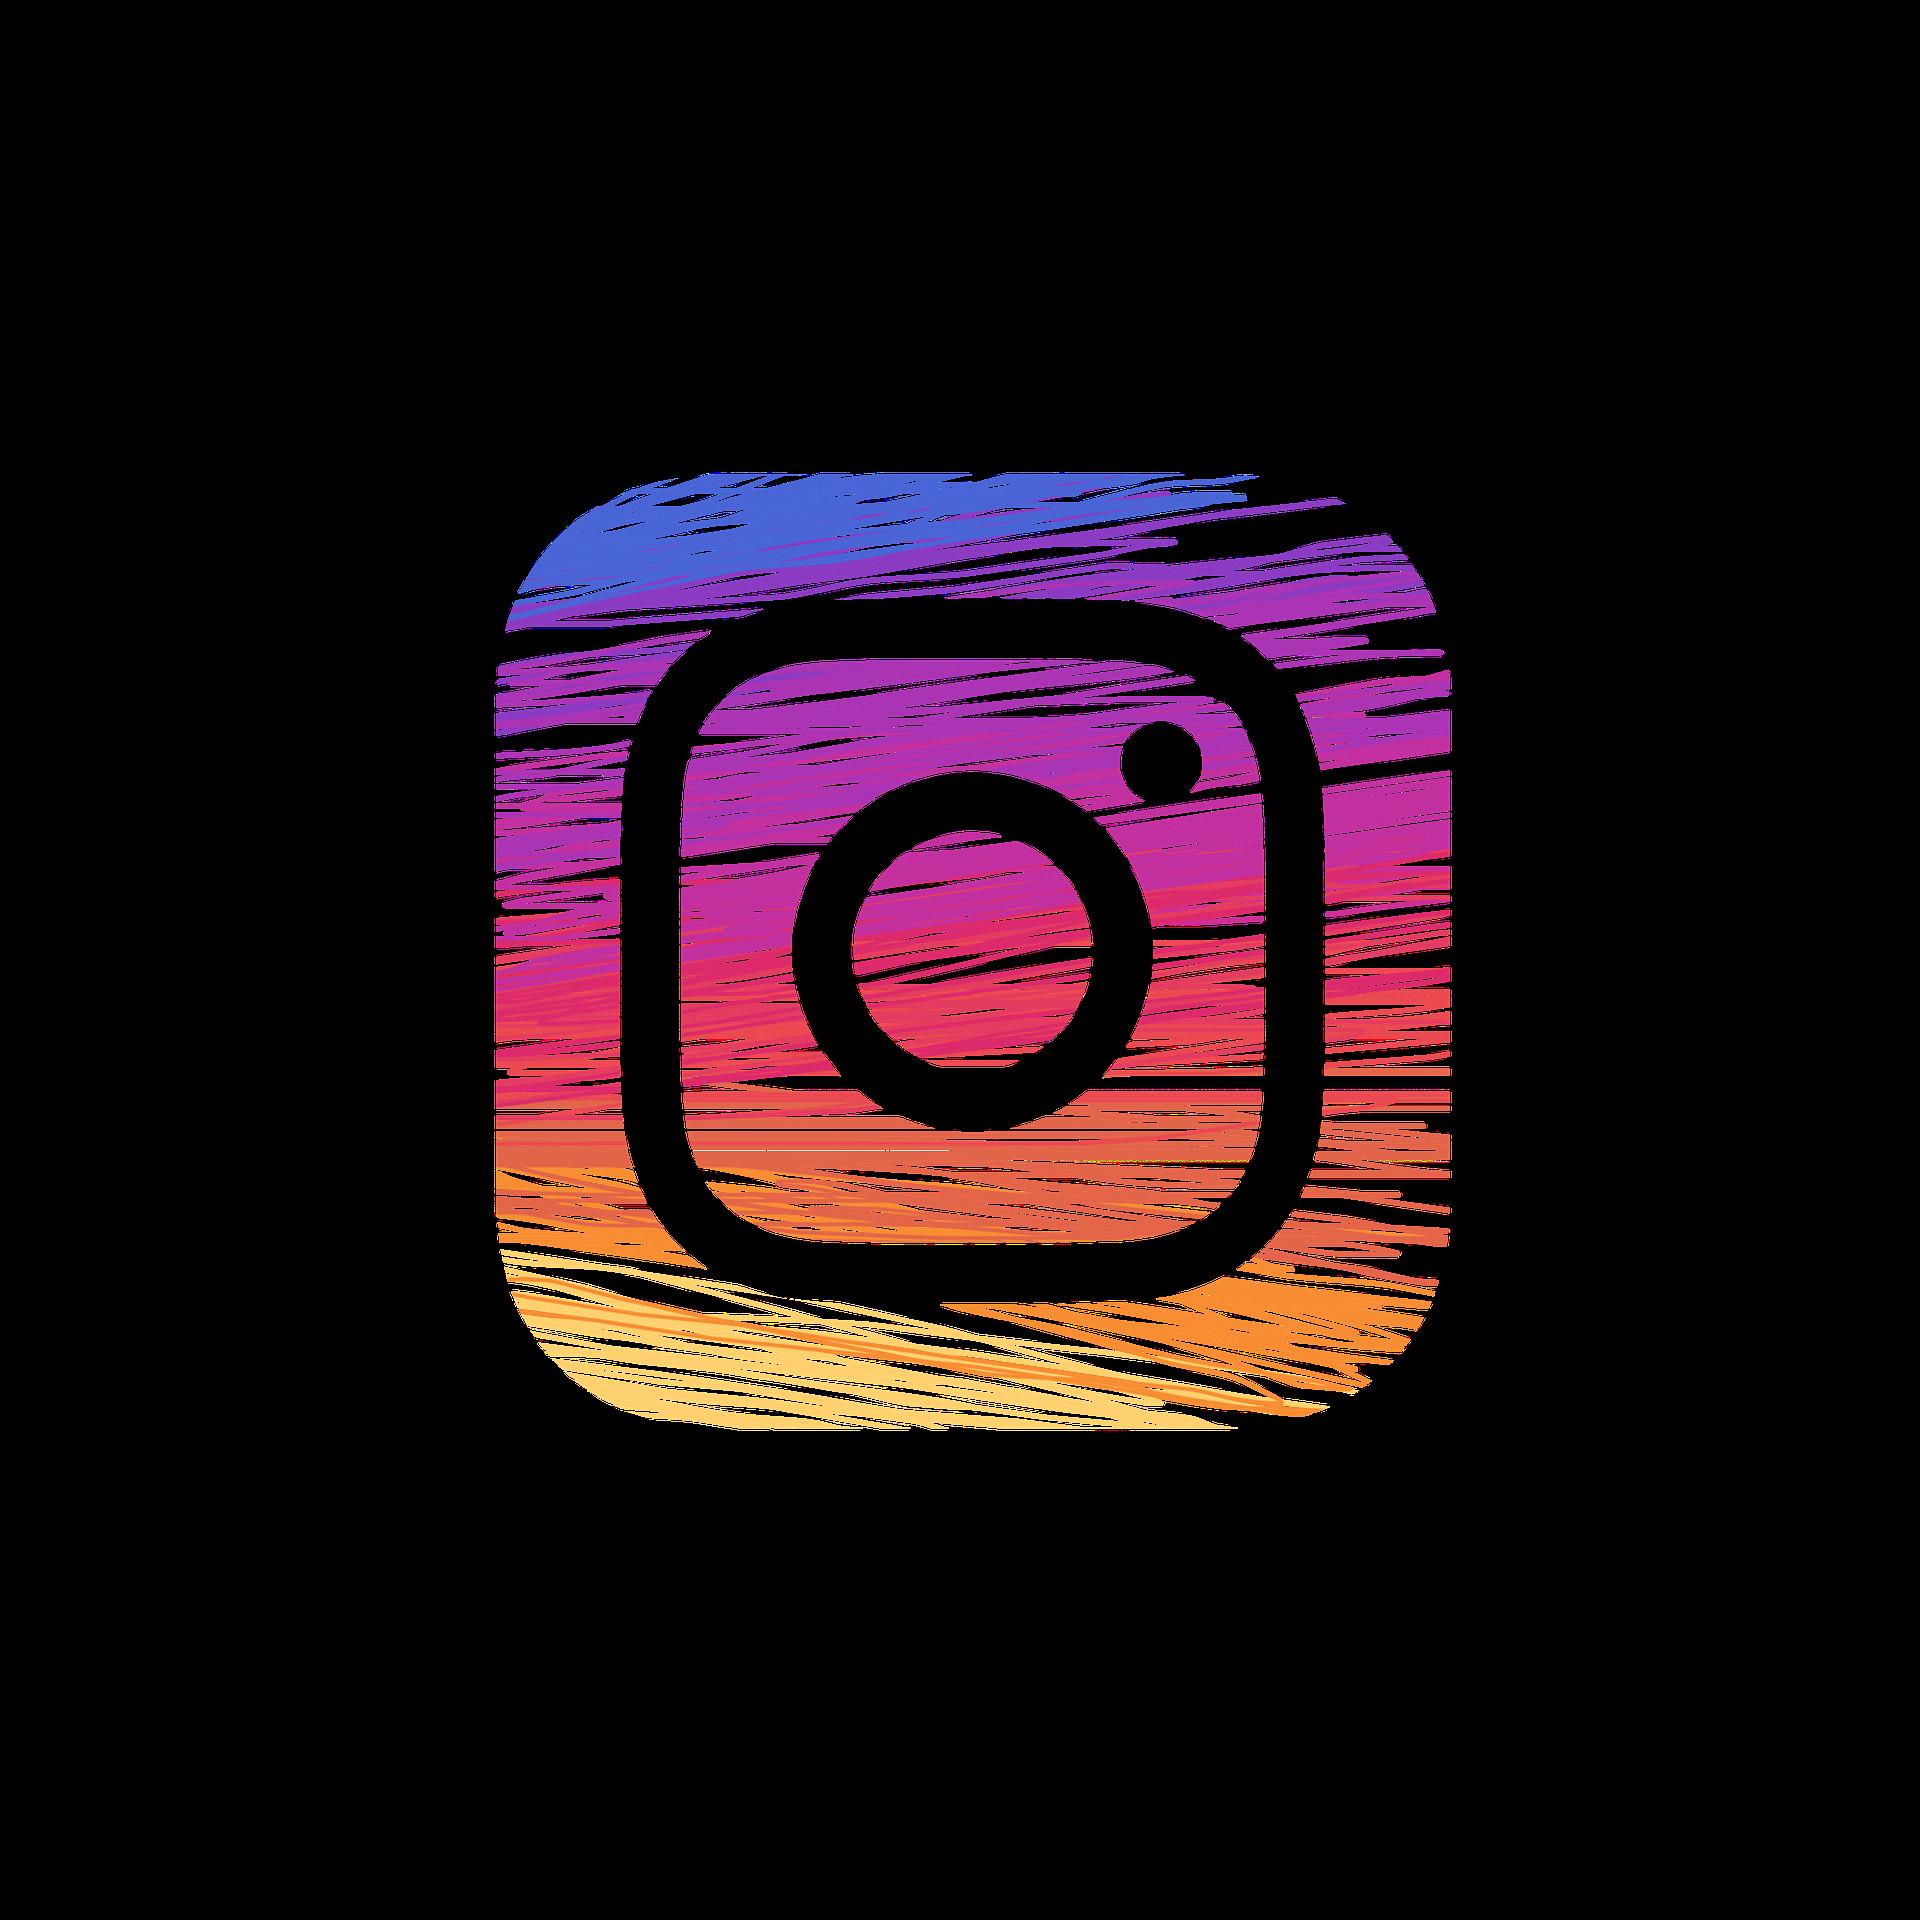 instagram.com/clarkcollective/